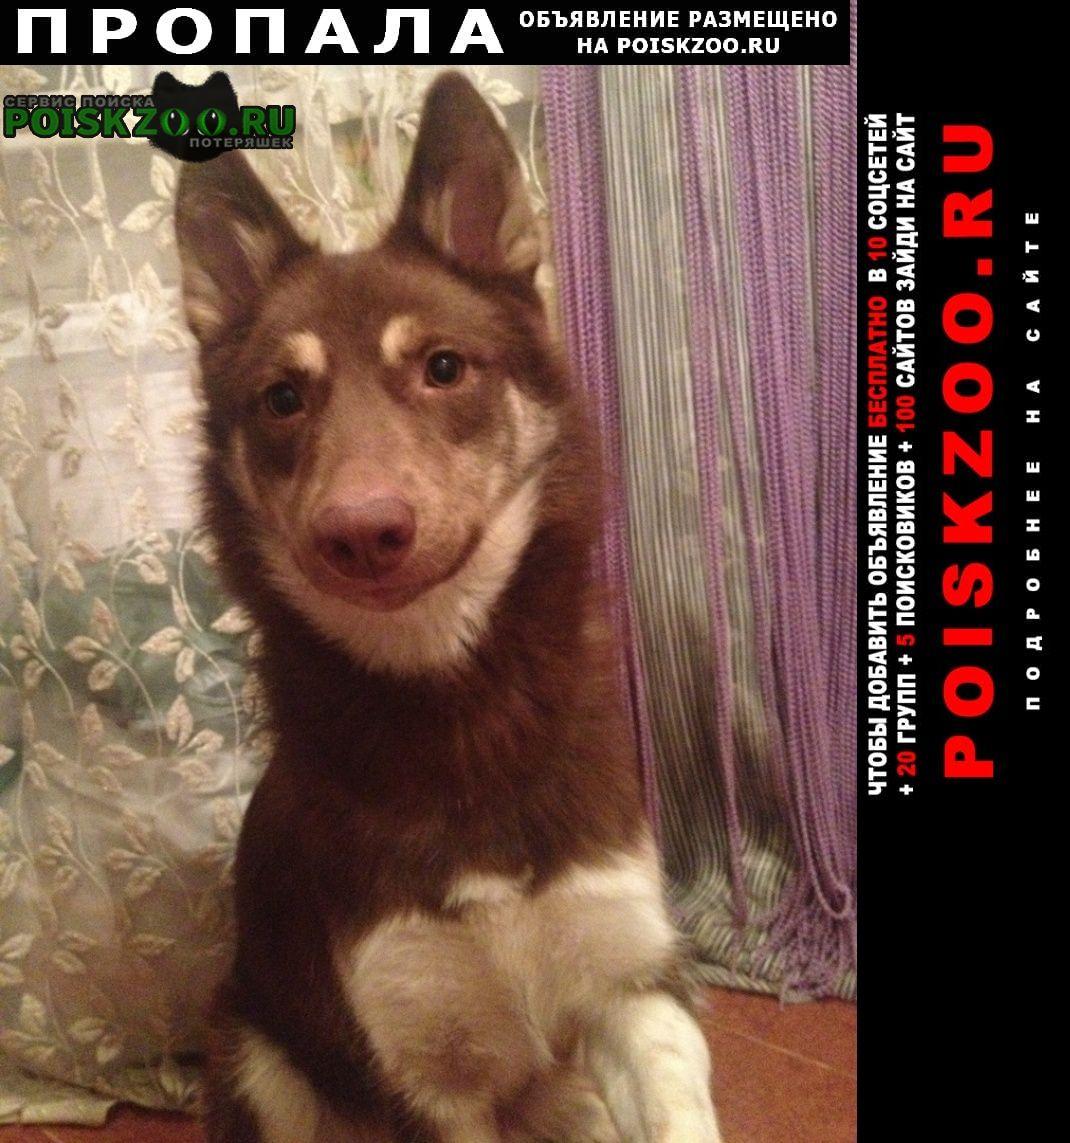 Пропала собака Альметьевск